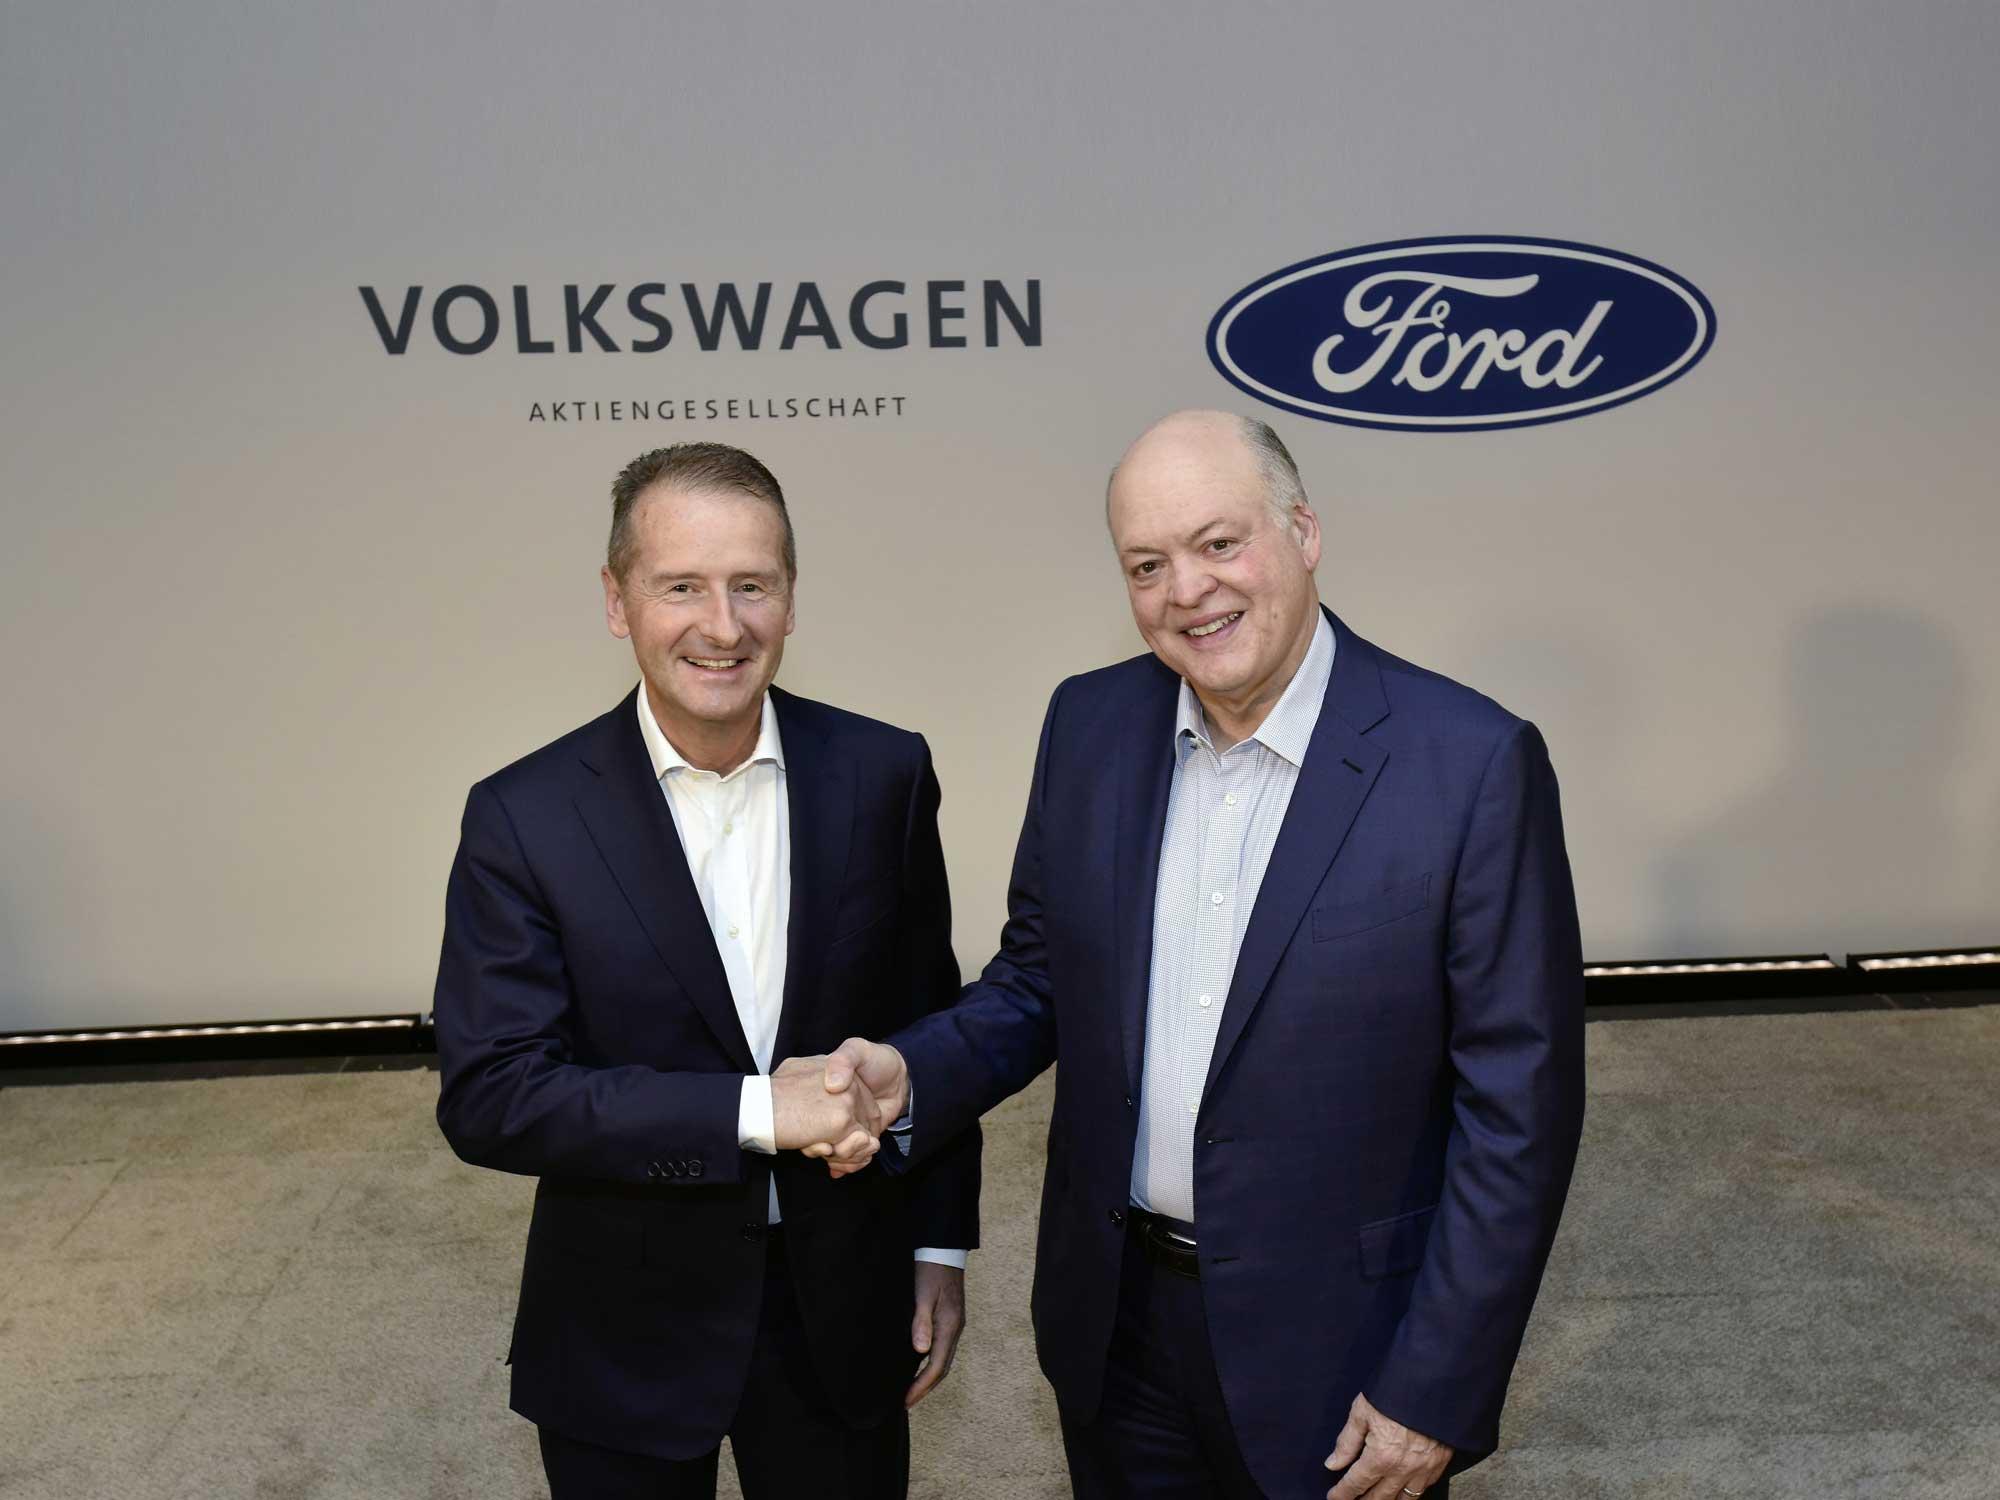 Så ska samarbetet mellan Volkswagen och Ford fungera